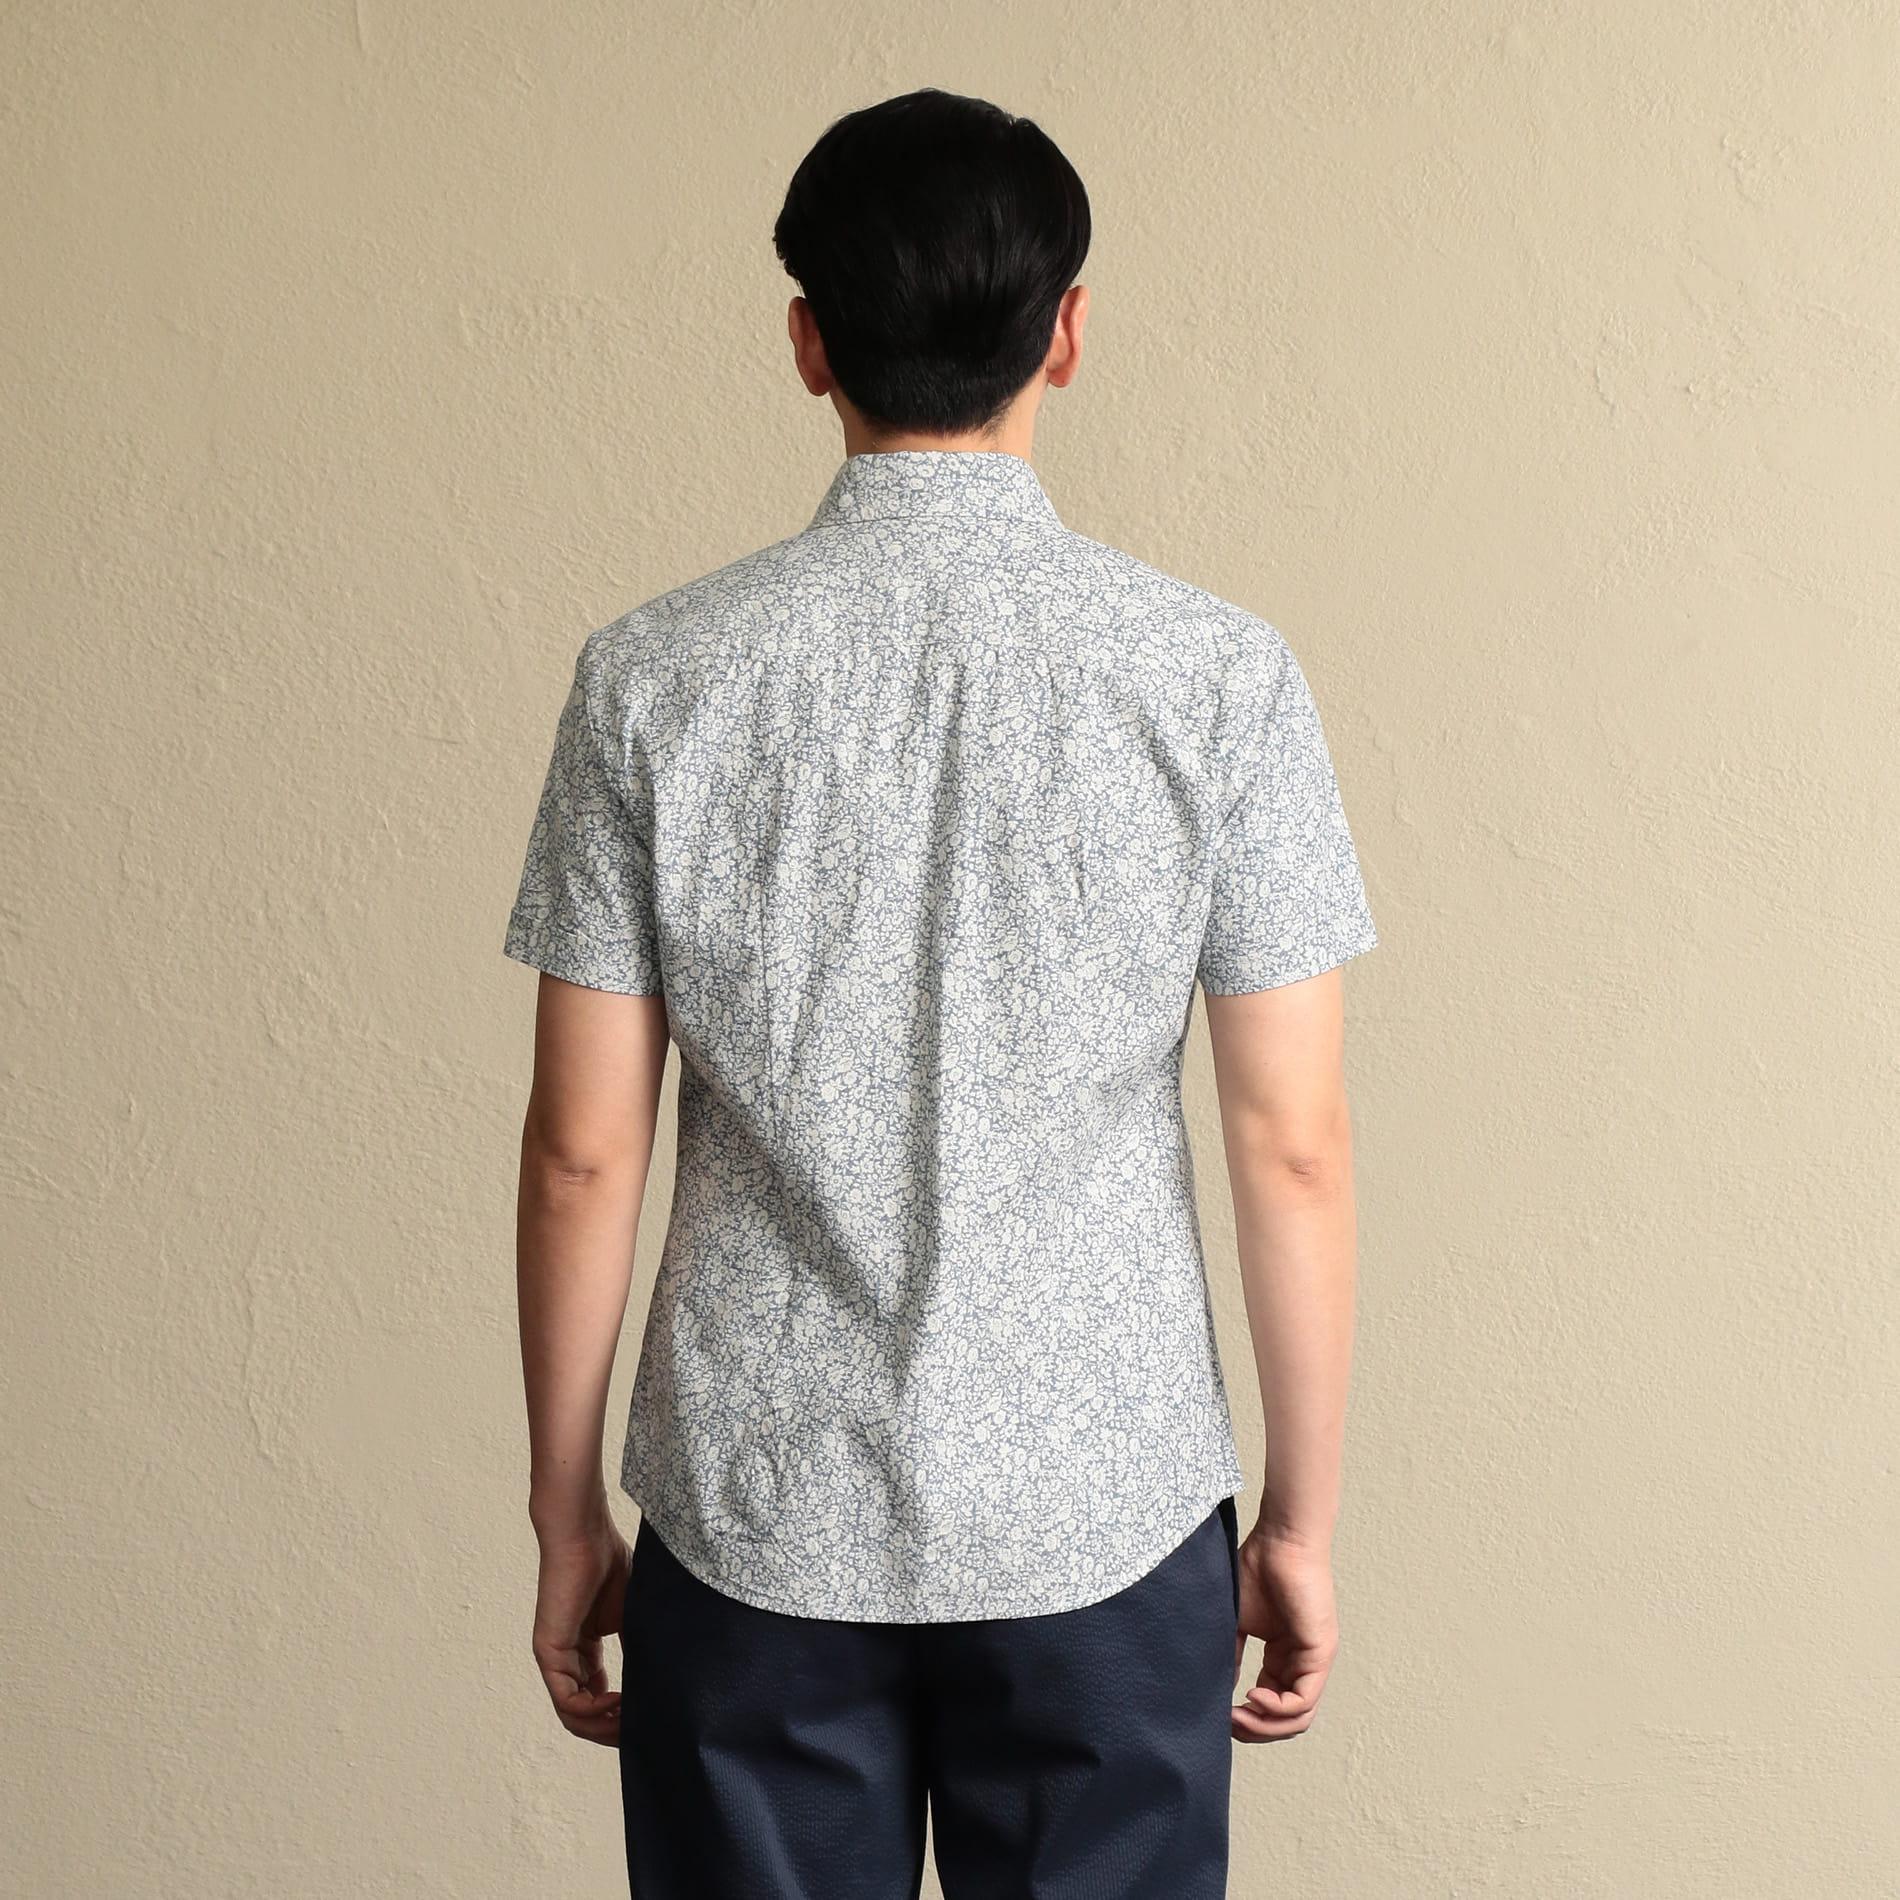 ホリゾンタルカラー 抜染プリントシャツ